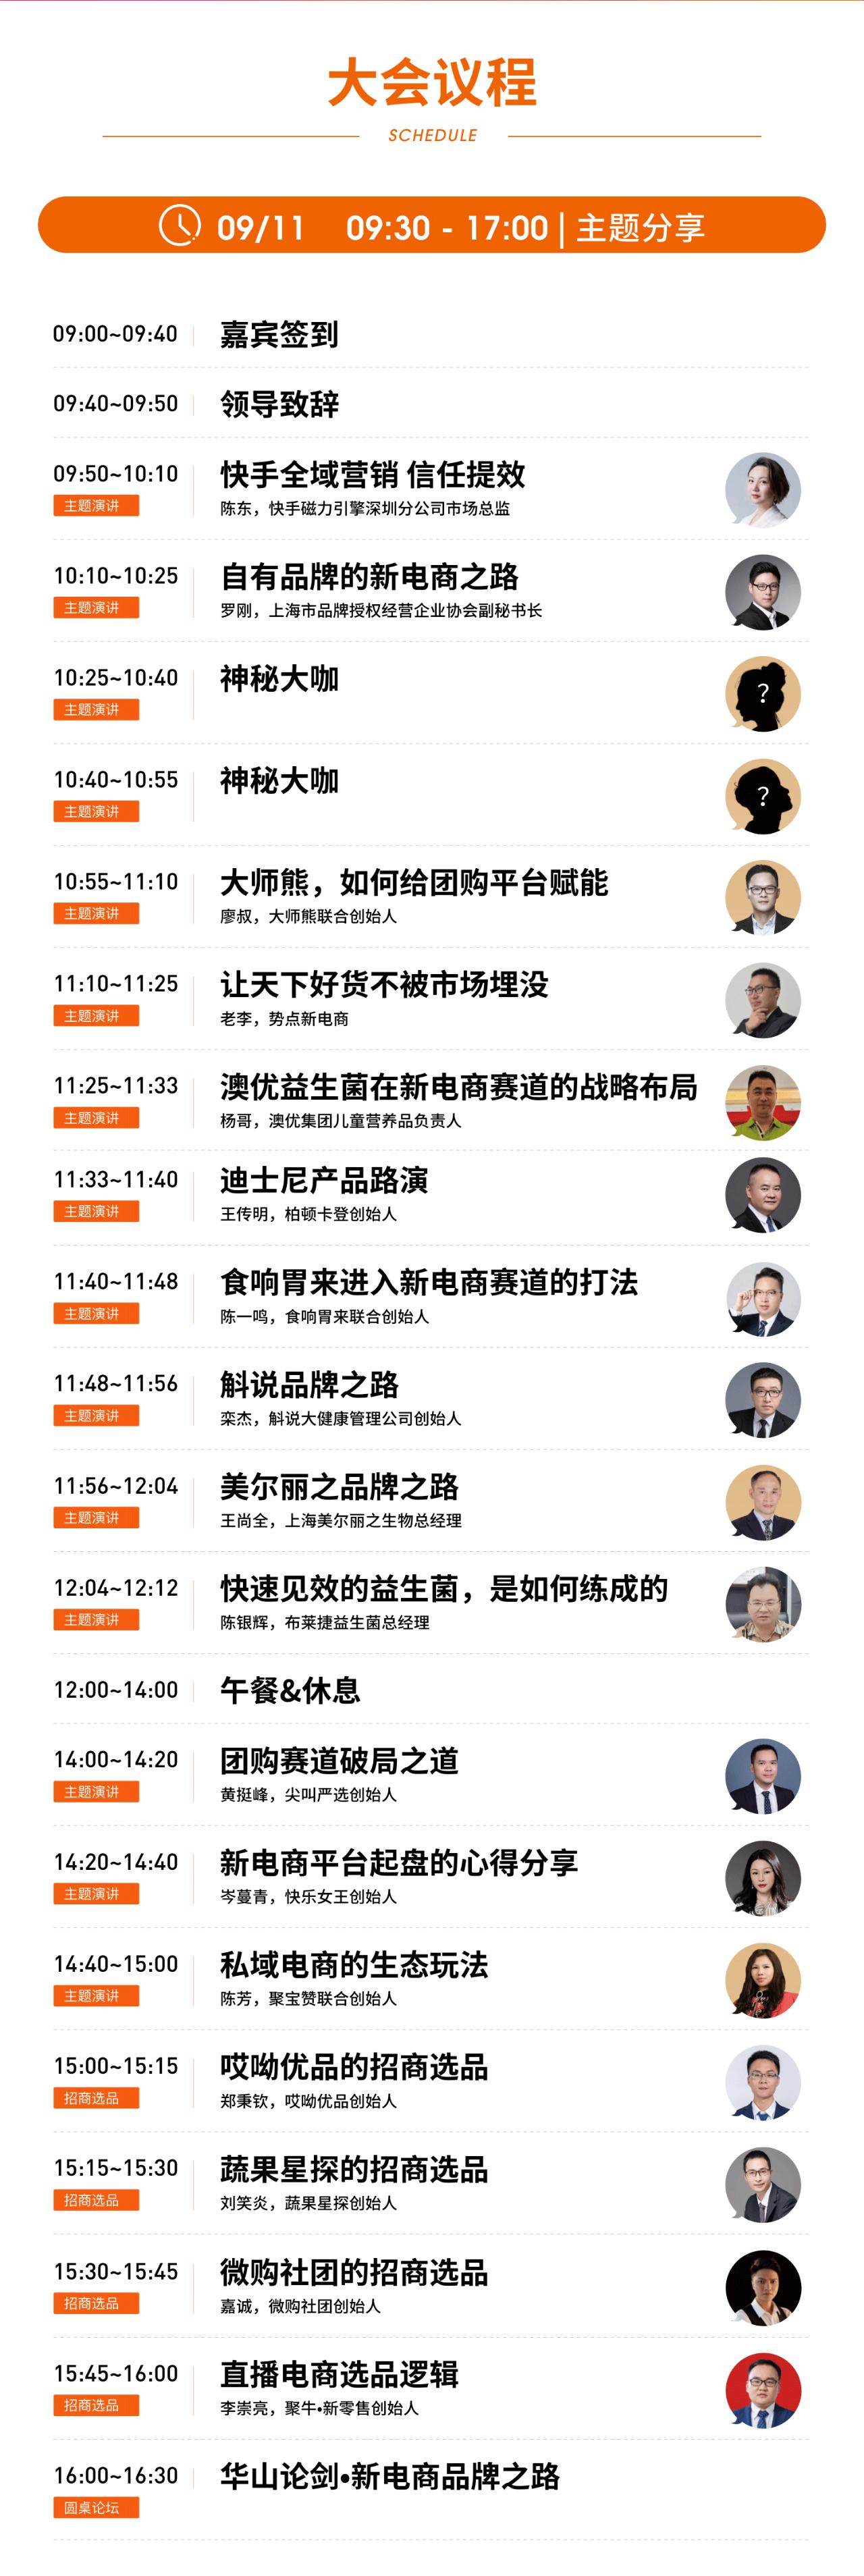 新电商头部平台大咖齐聚,深圳自有品牌展暨新电商风向标大会深圳见